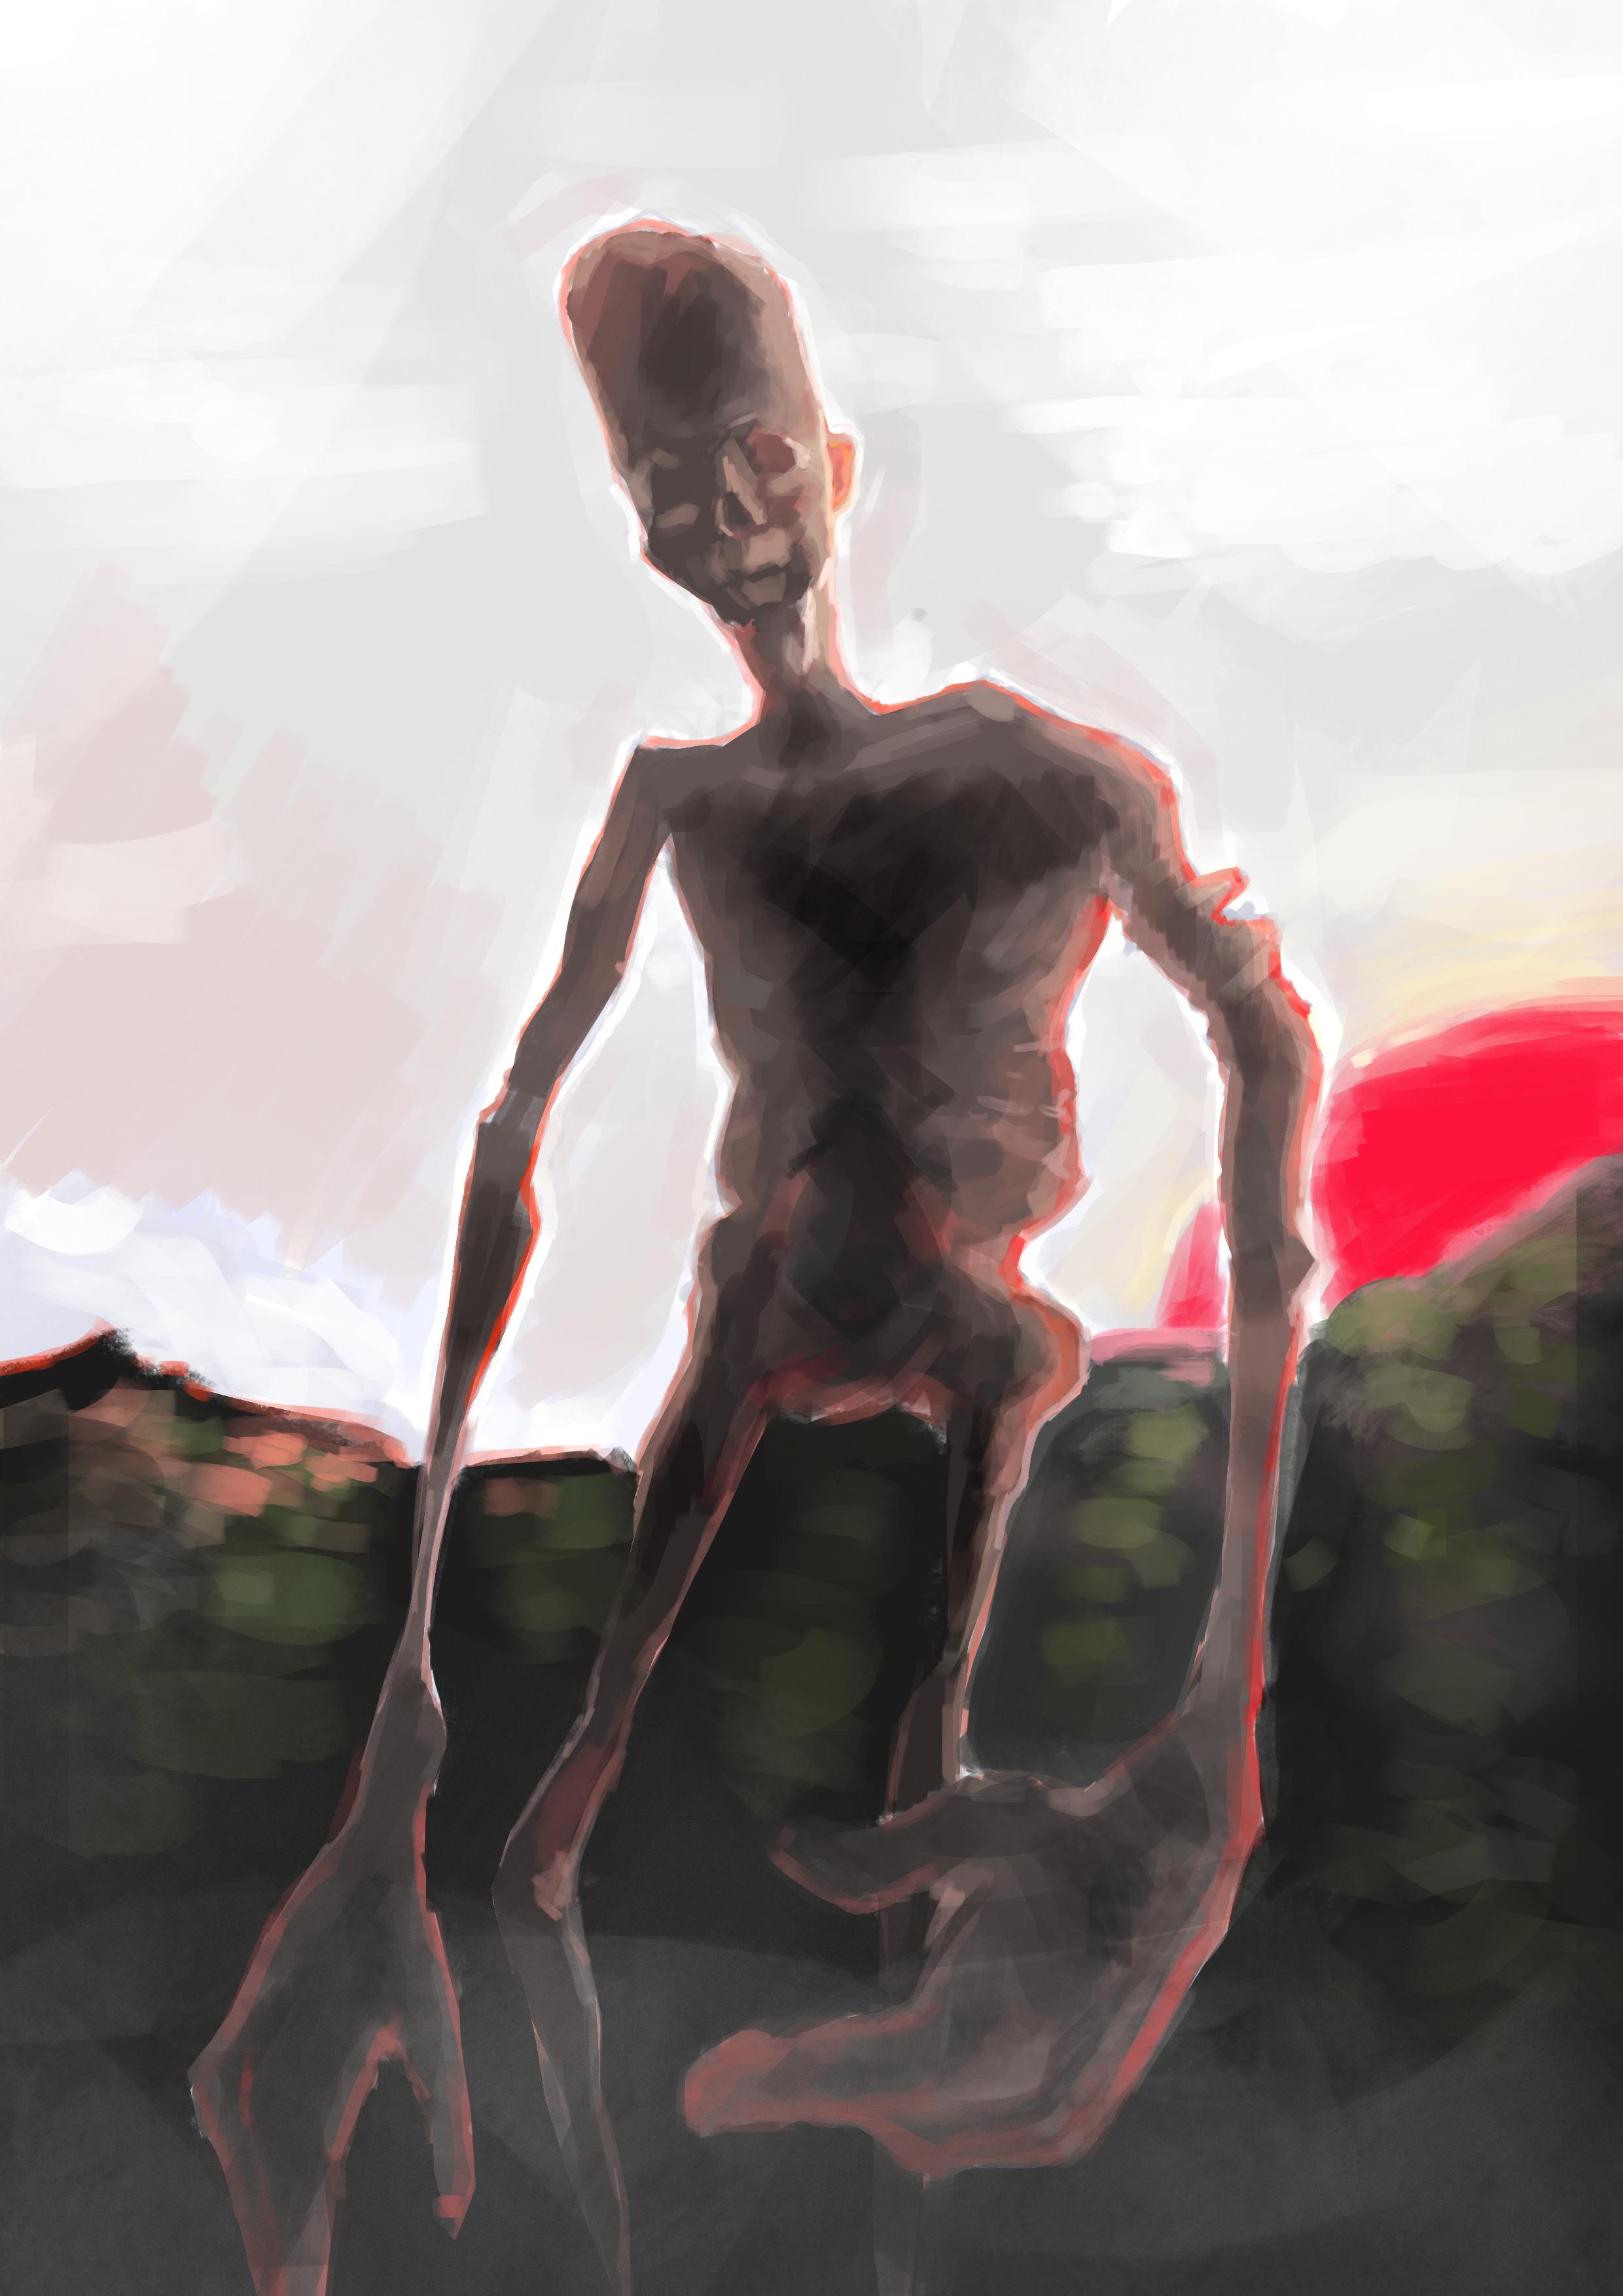 He waits